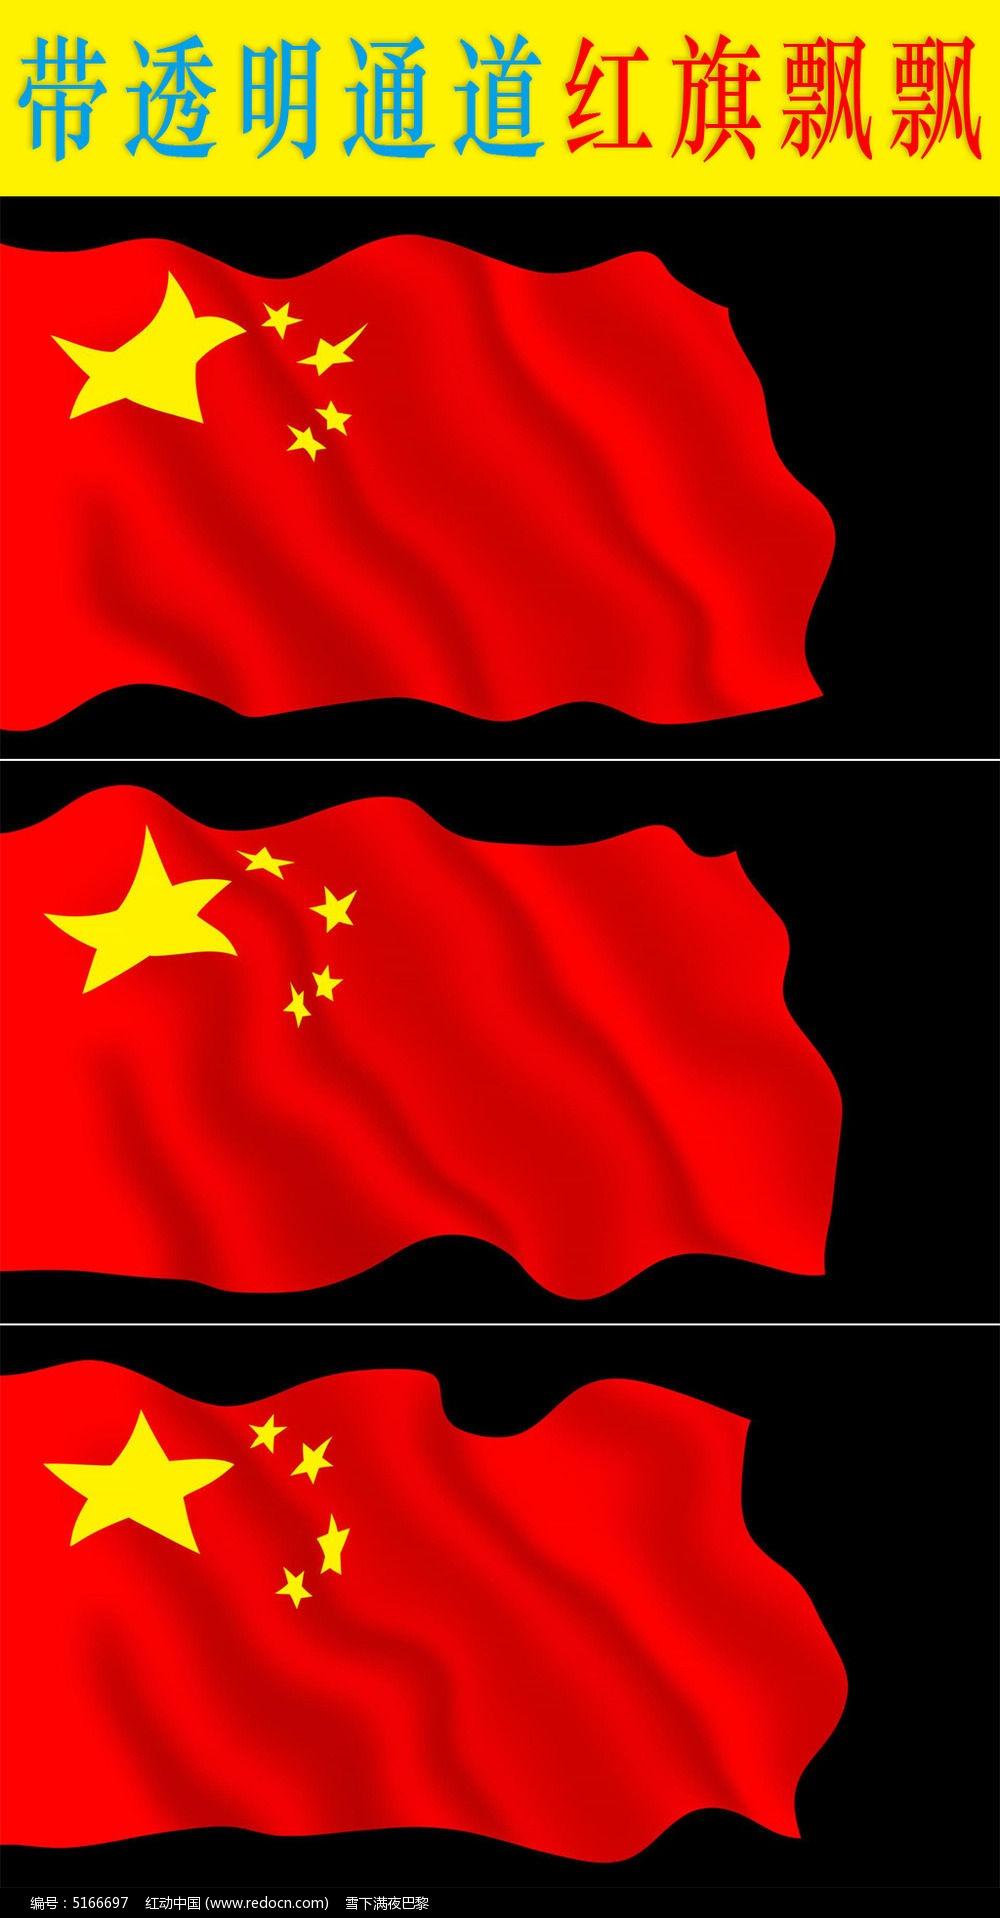 红旗飘飘平面图高清图片